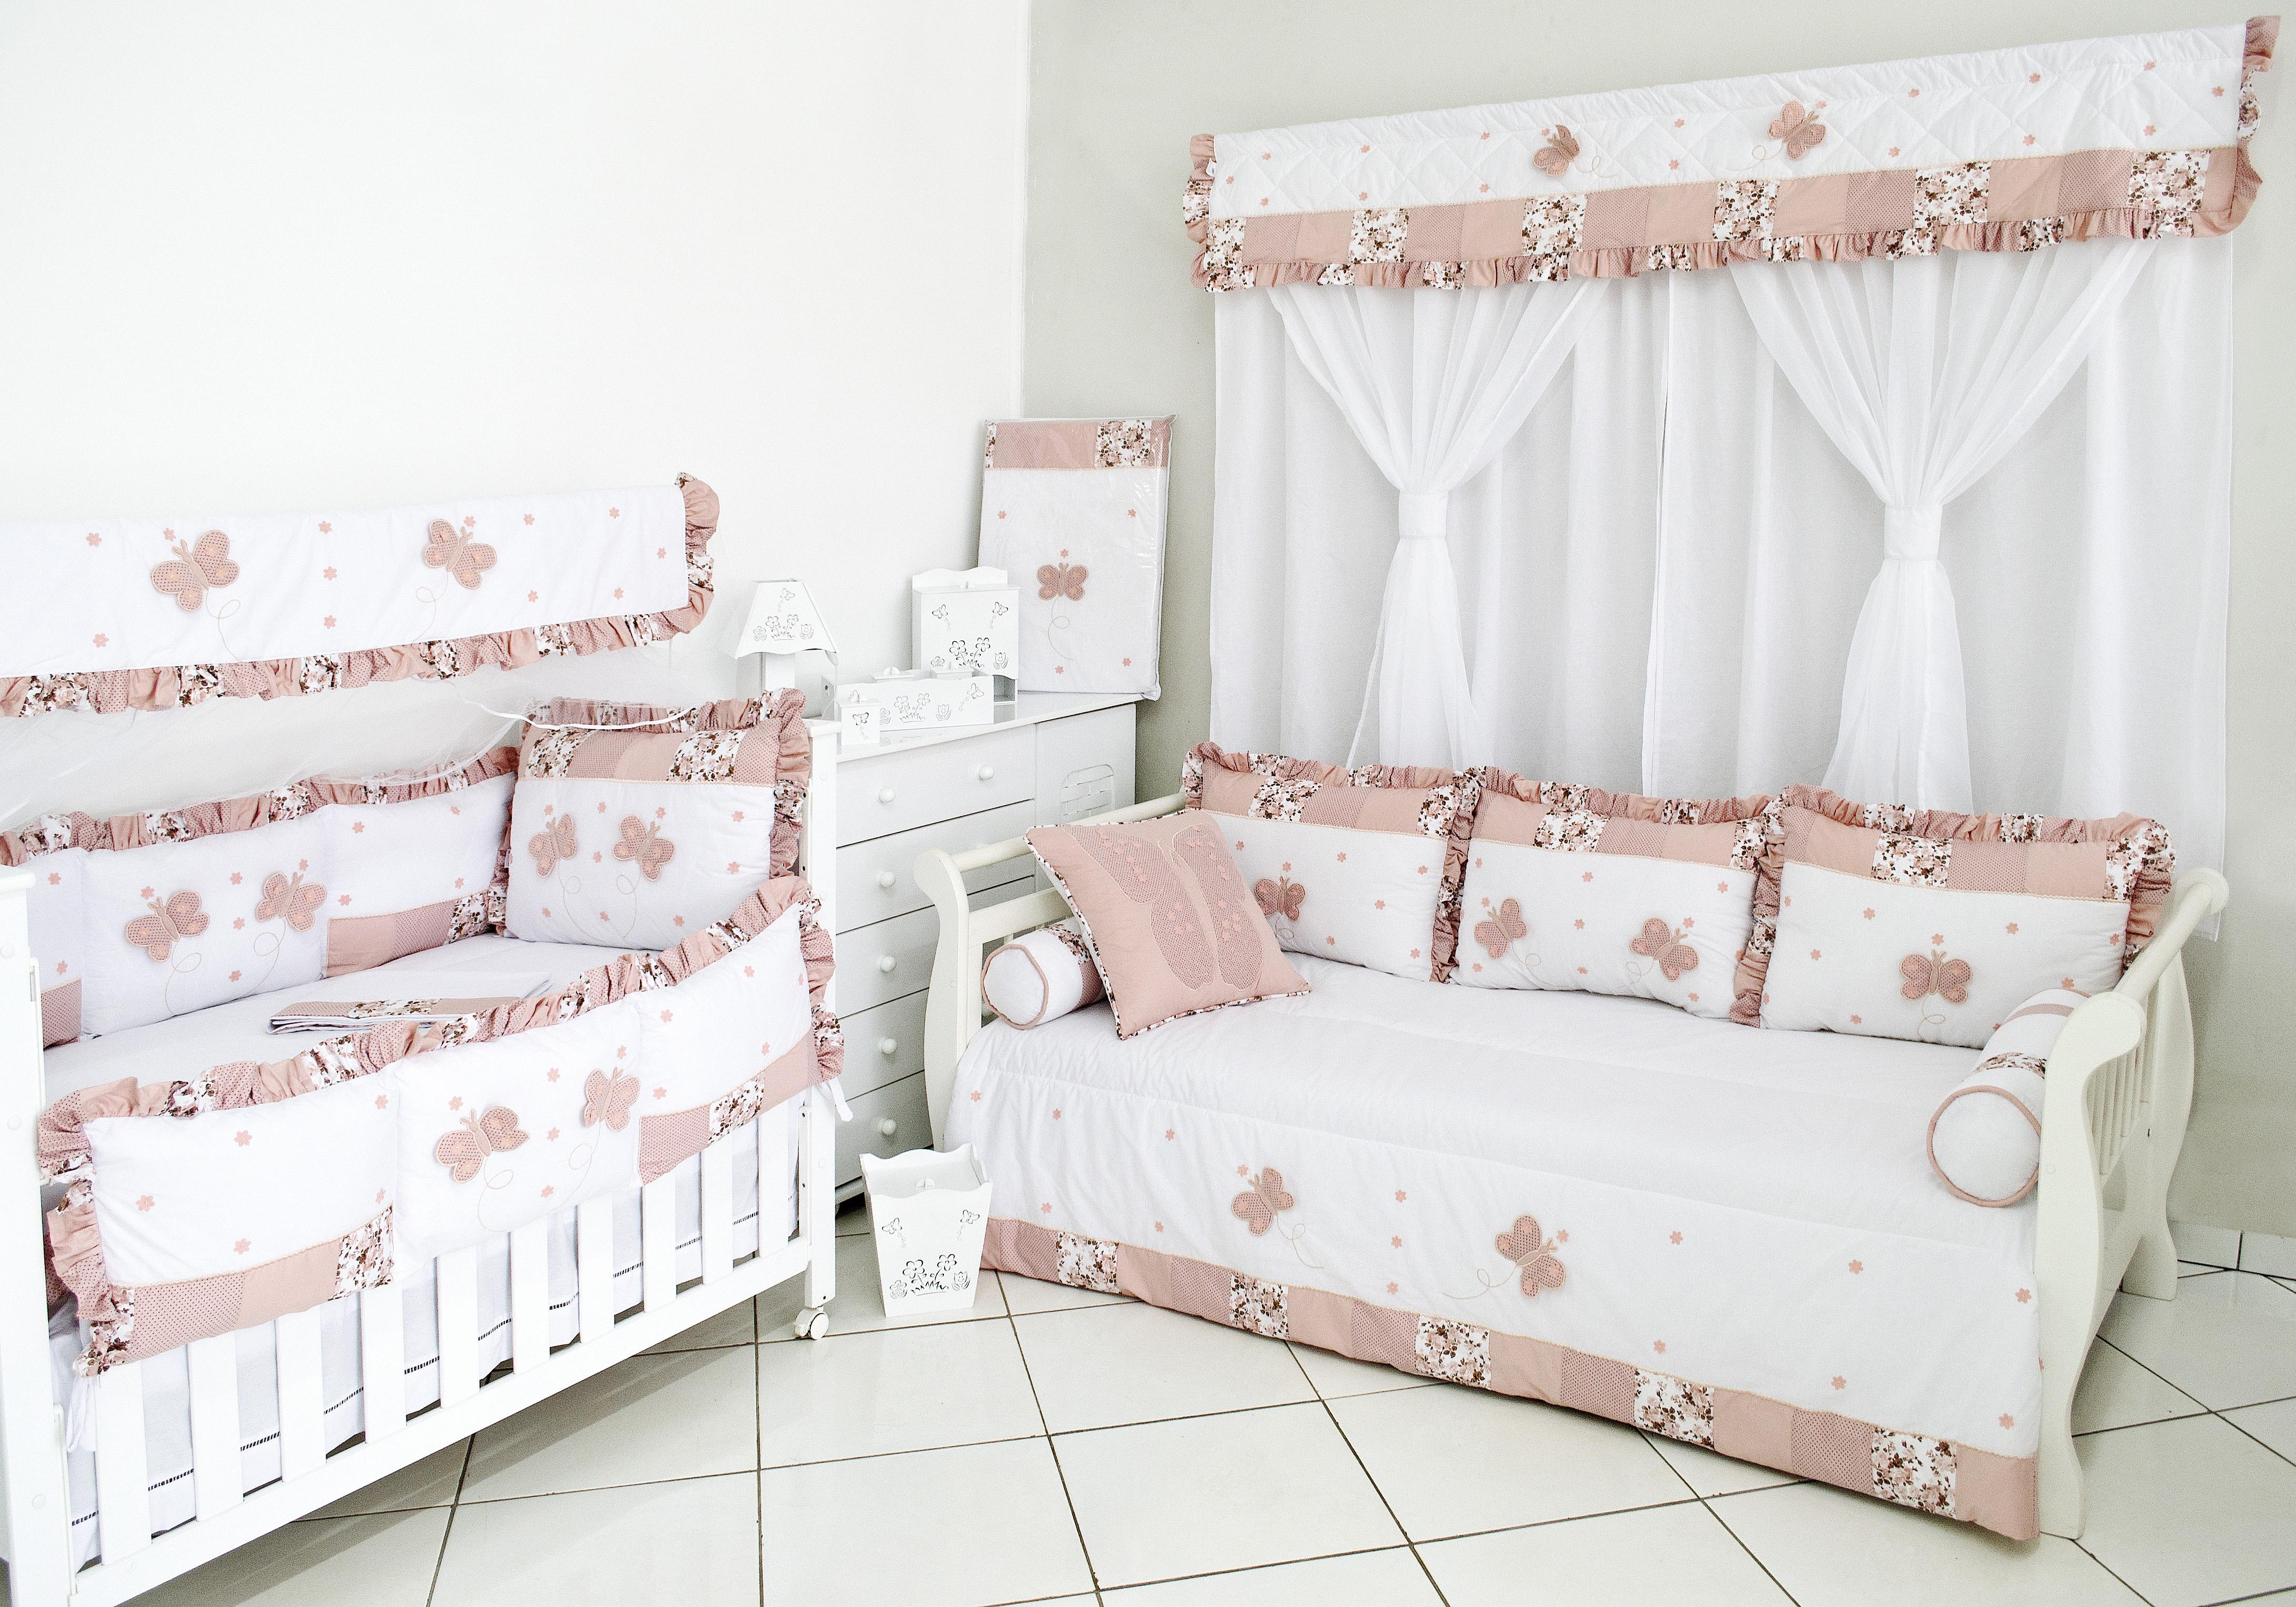 Kit Quarto Casal Completo Redival Com ~ Quarto Feminino Com Cama Box E Quarto Bebe Rosa E Cinza